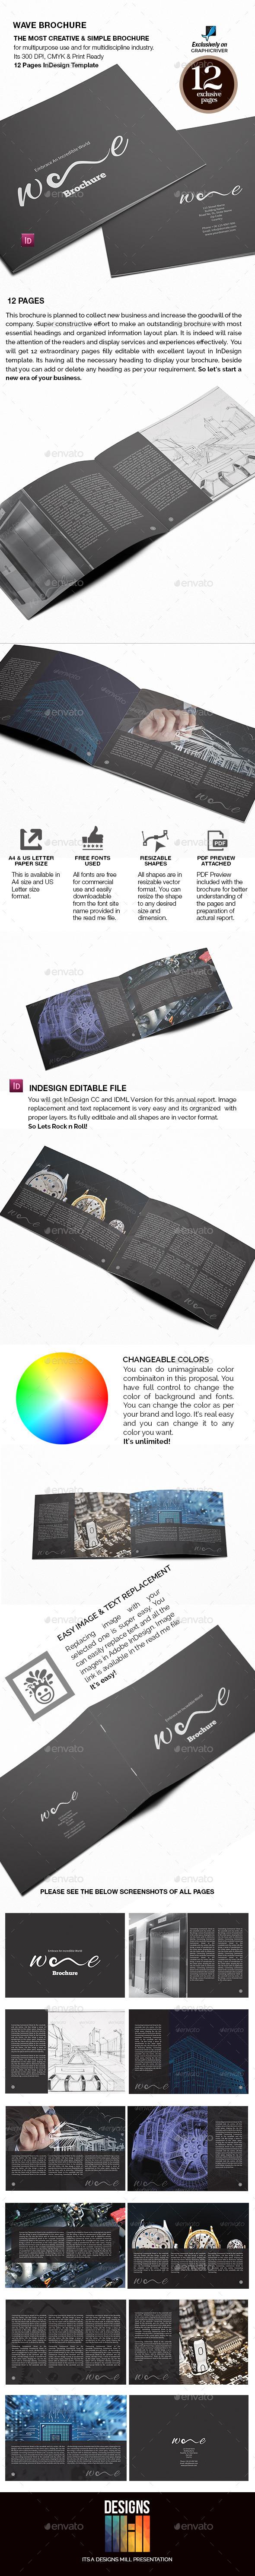 Wave Landscape Brochure - Informational Brochures